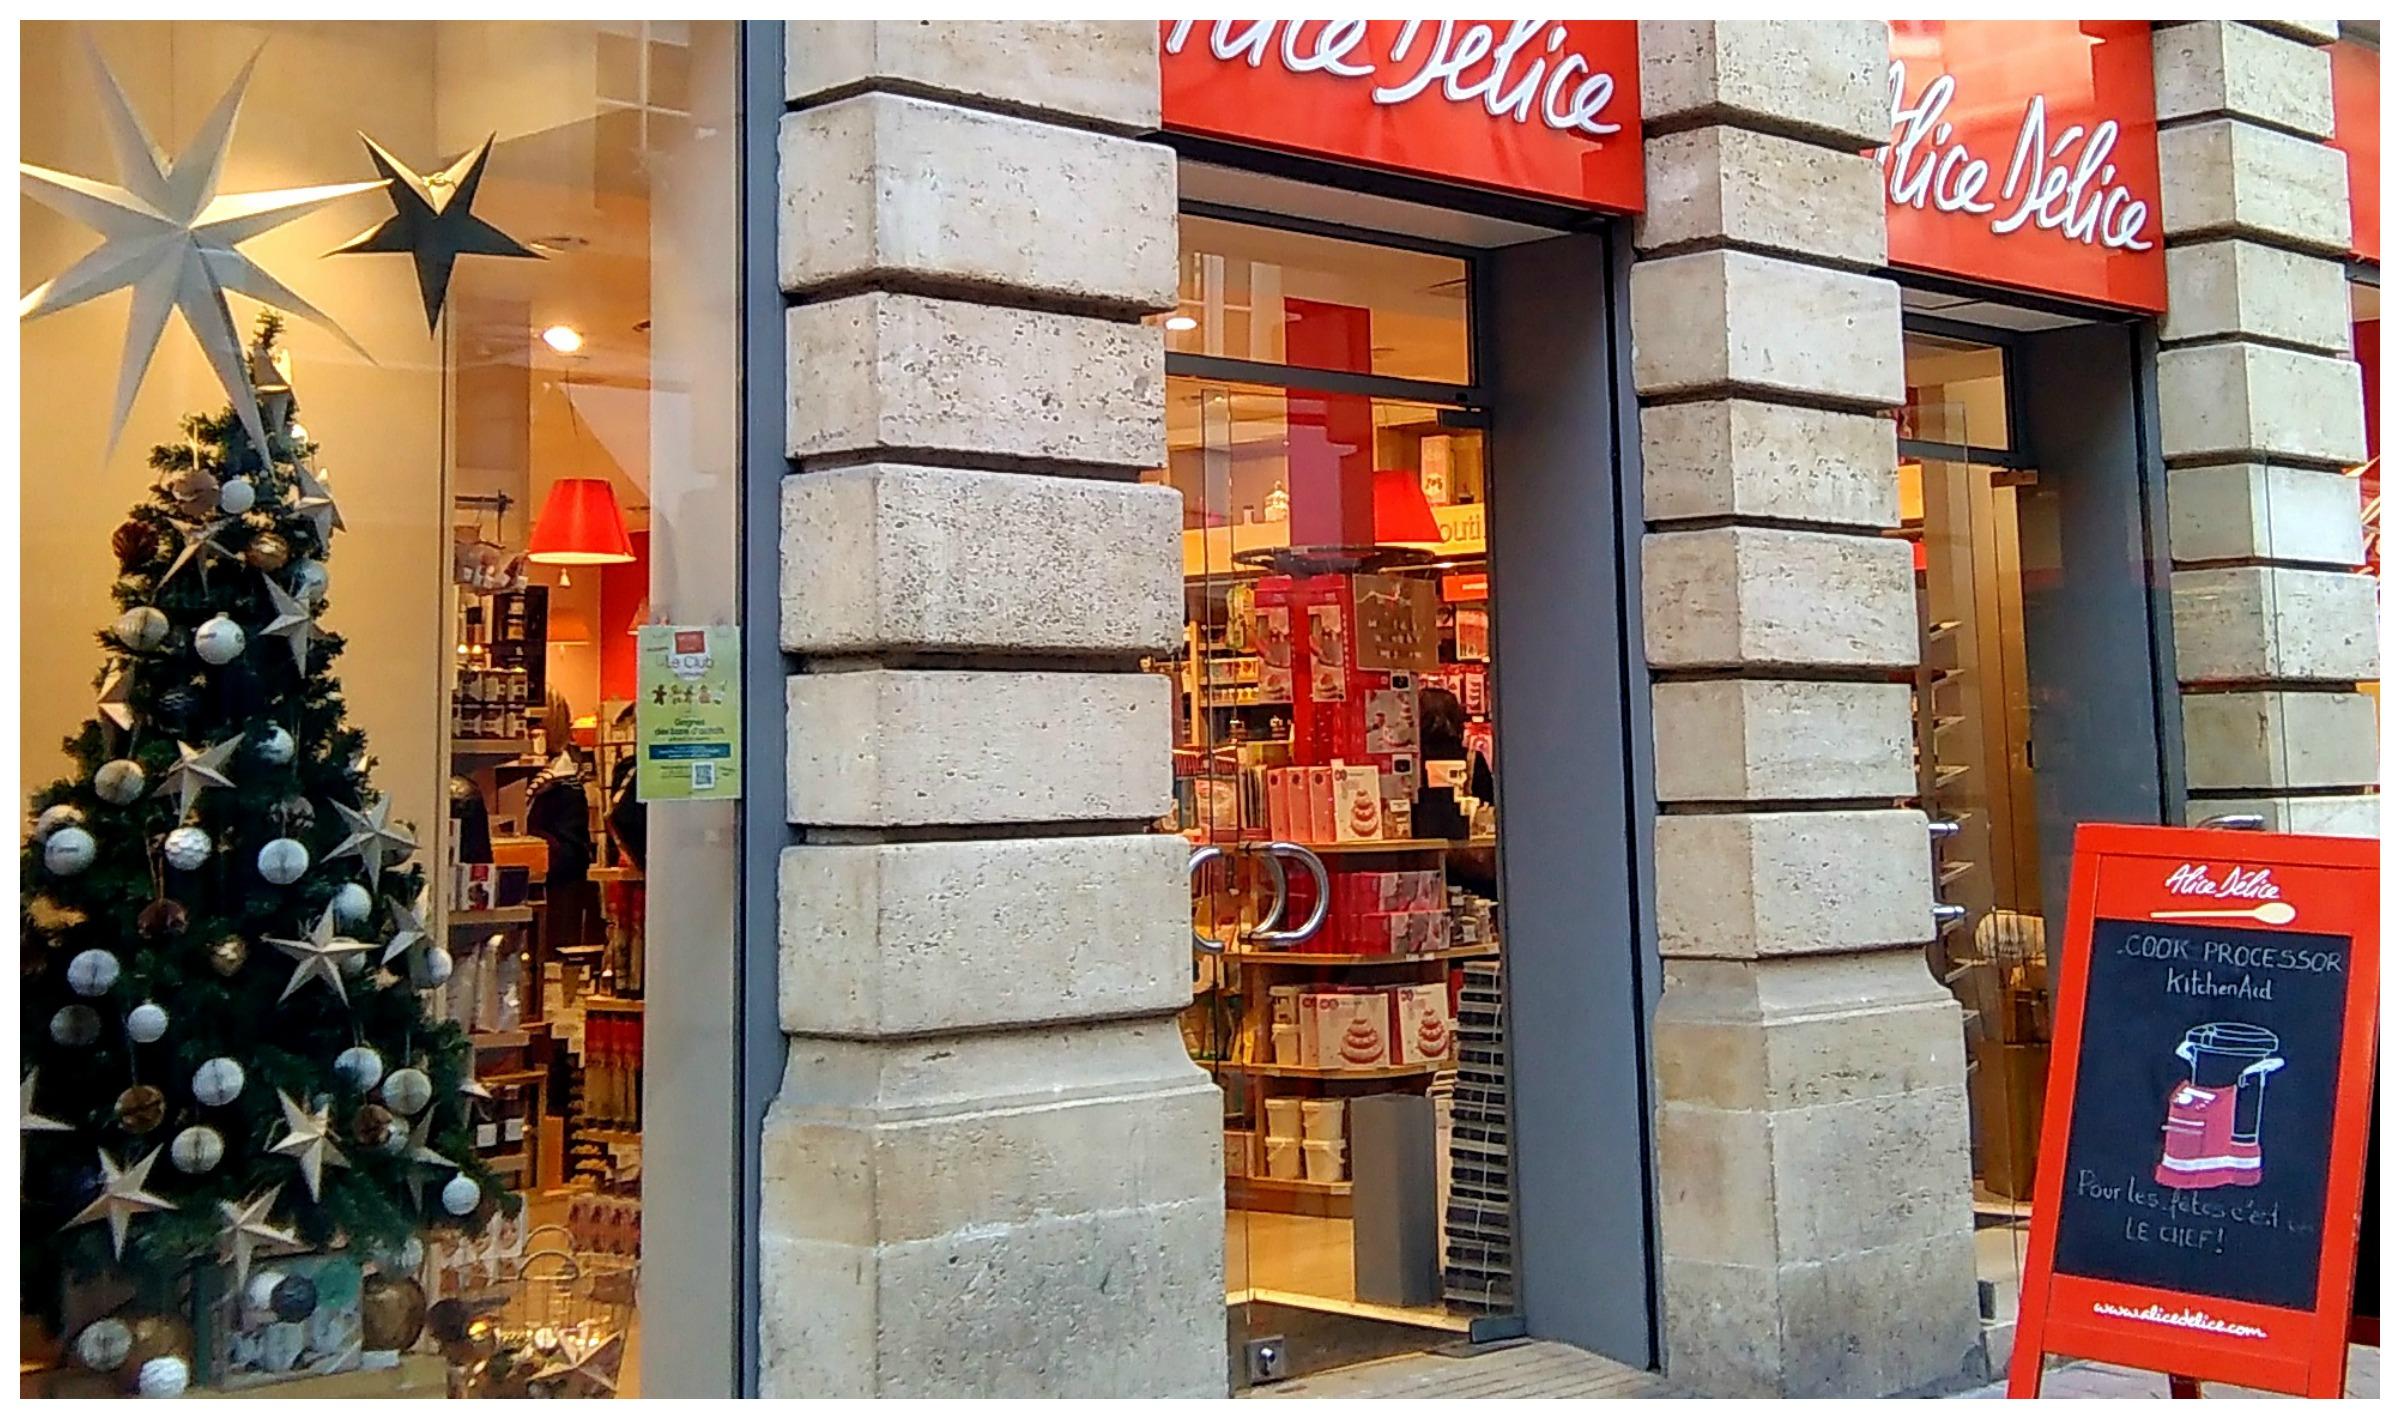 Id es cadeaux bordeaux 3 rue des 3 conils bordelaise by - Ustensiles de cuisine bordeaux ...